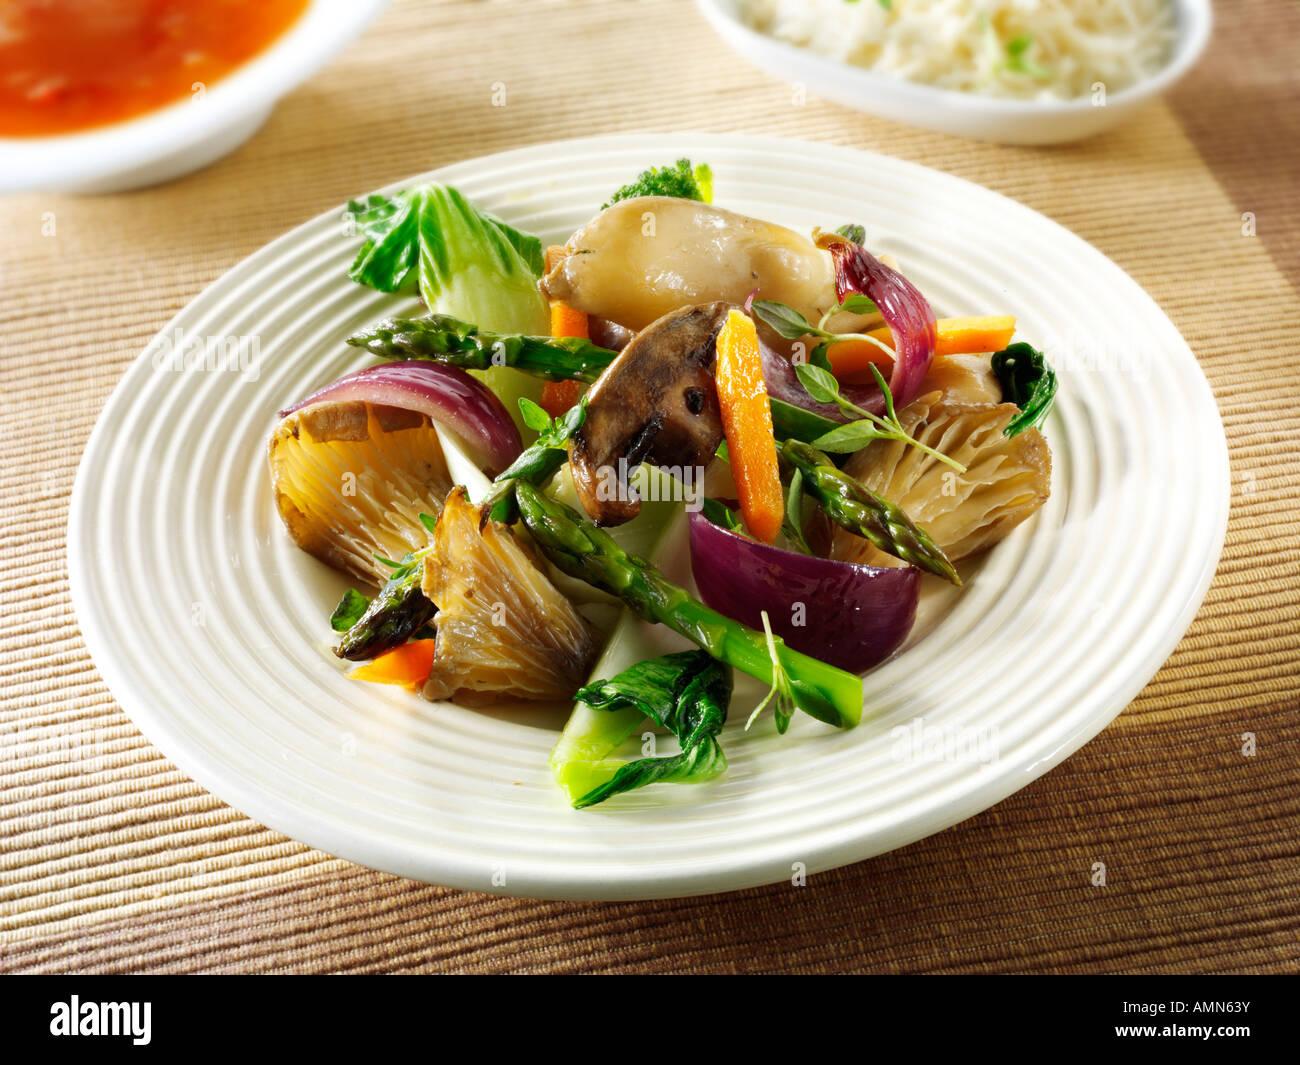 Oriental vegetarian stir fry of vegetables and mushrooms - Stock Image